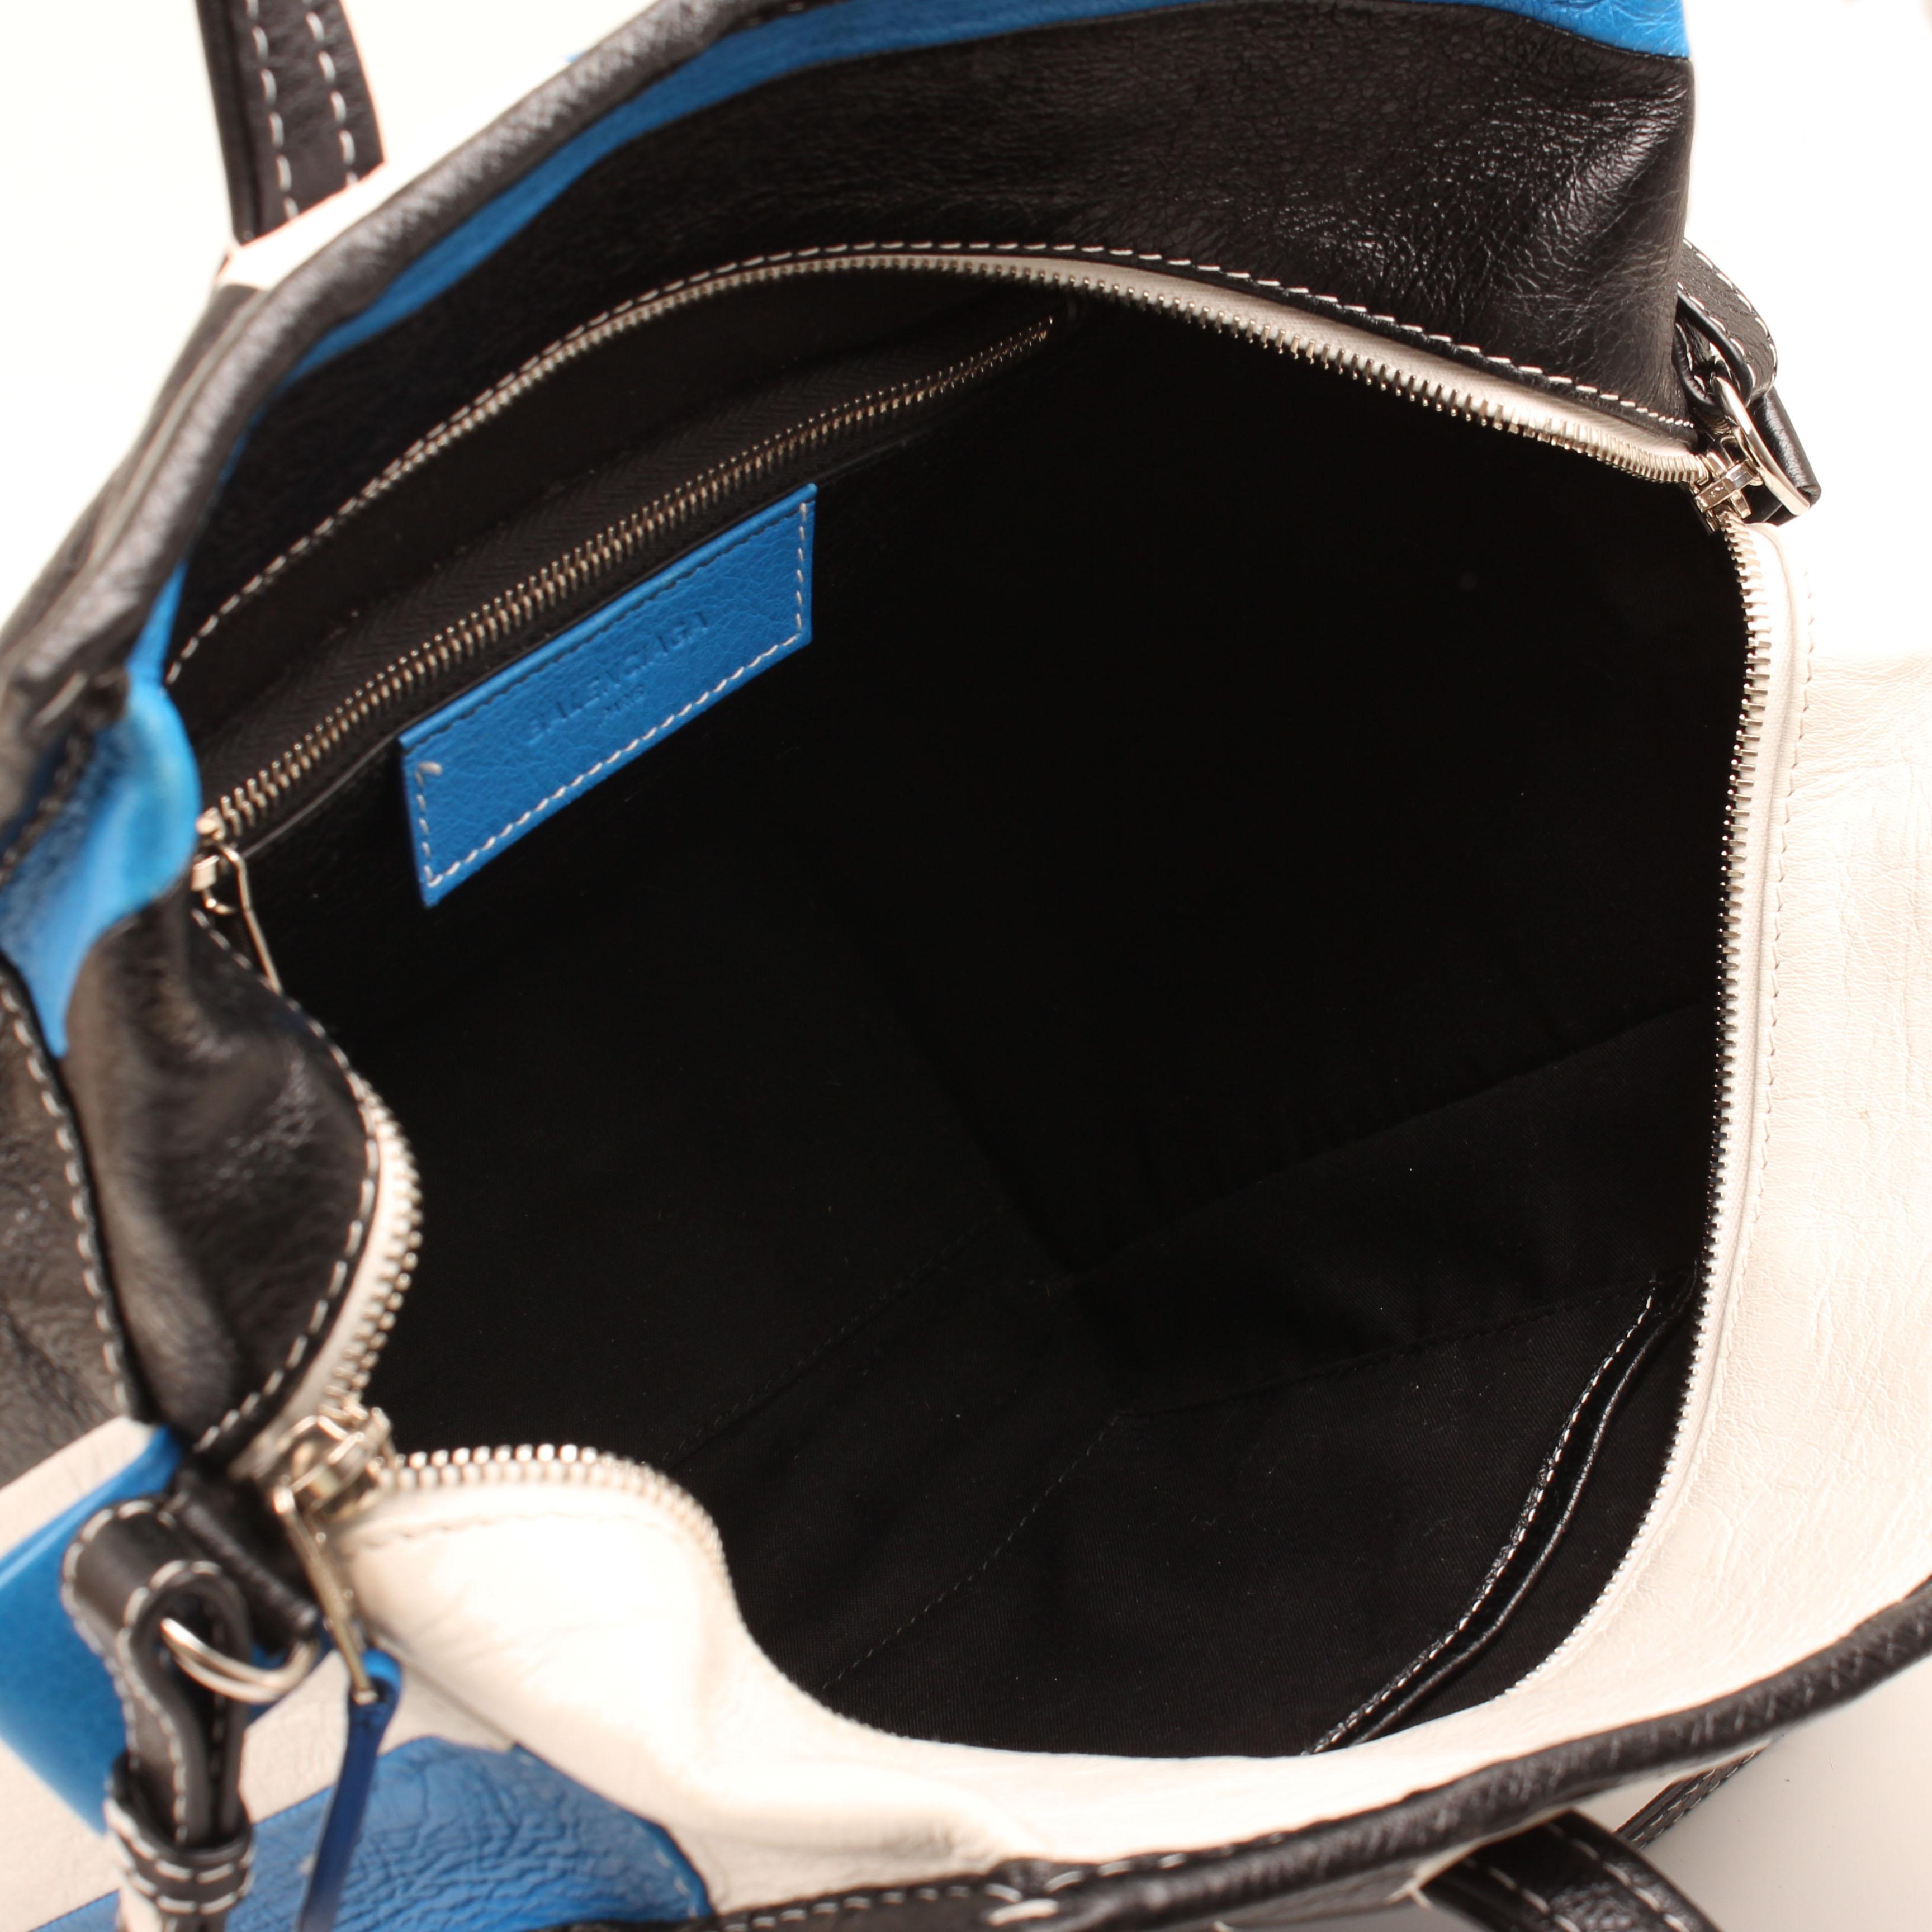 bolso balenciaga bazar shopper s arena rayado azul blanco negro piel interior